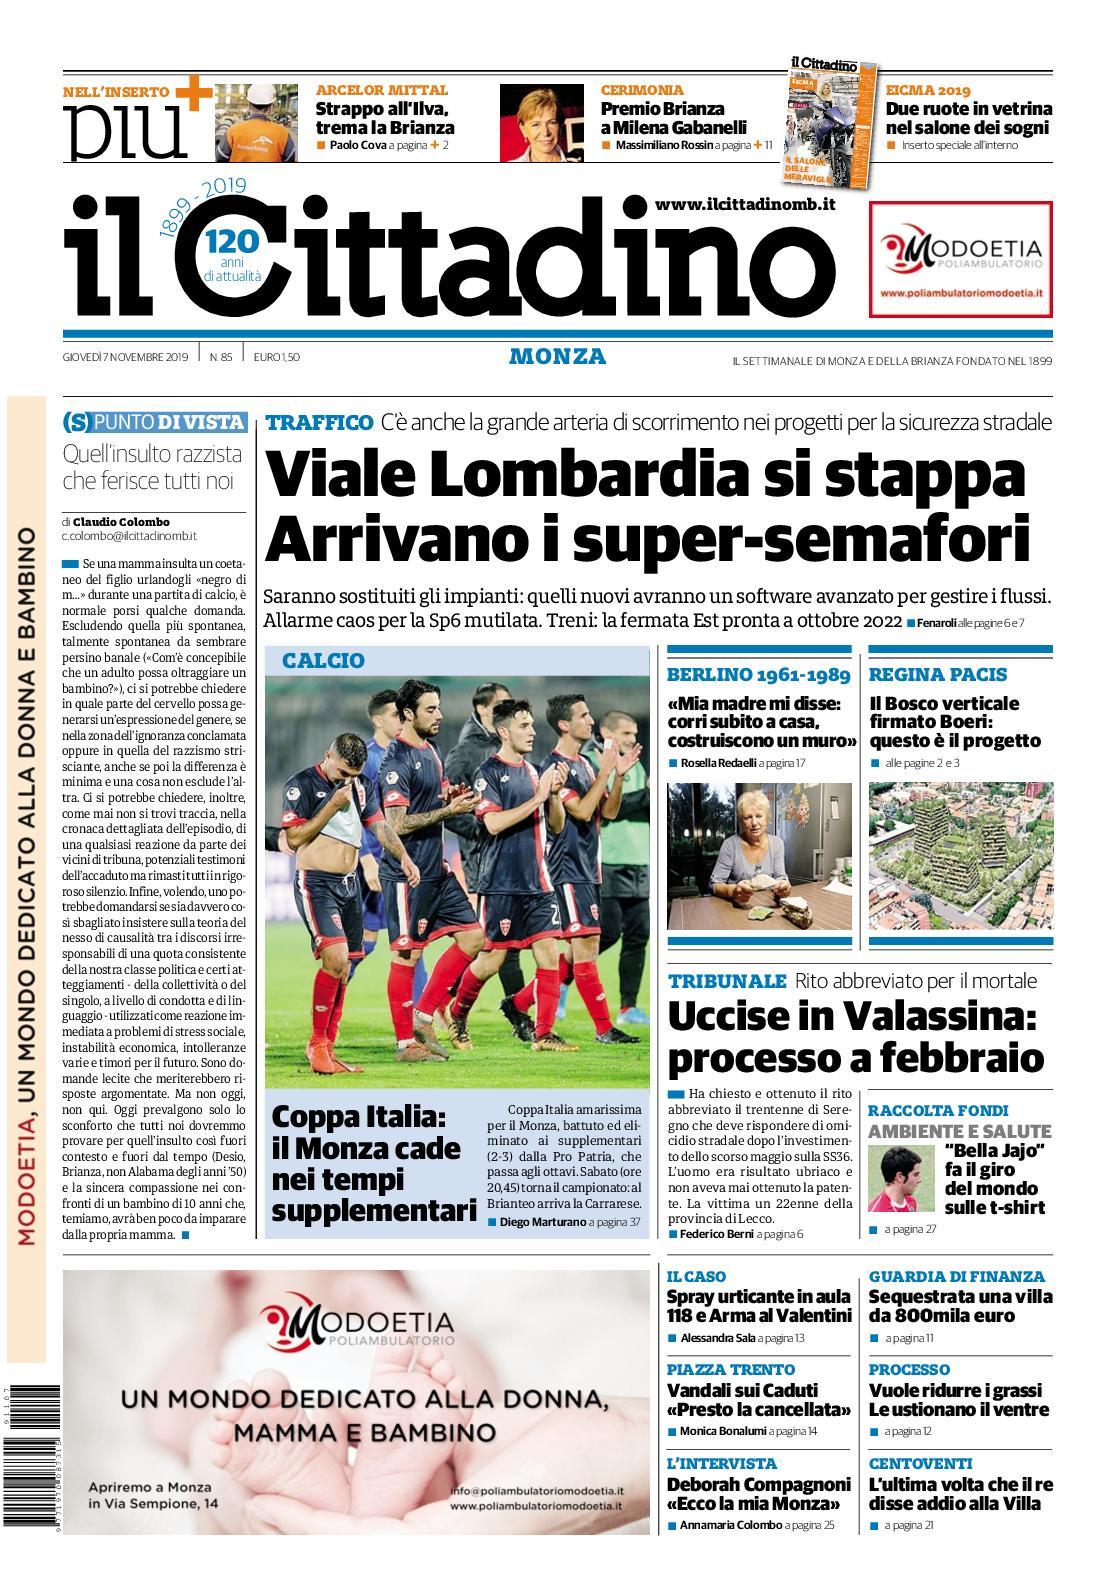 Radaelli Arredobagno Sas Di Radaelli Giorgio C.Calameo Ilcittad Monza7novembr2019